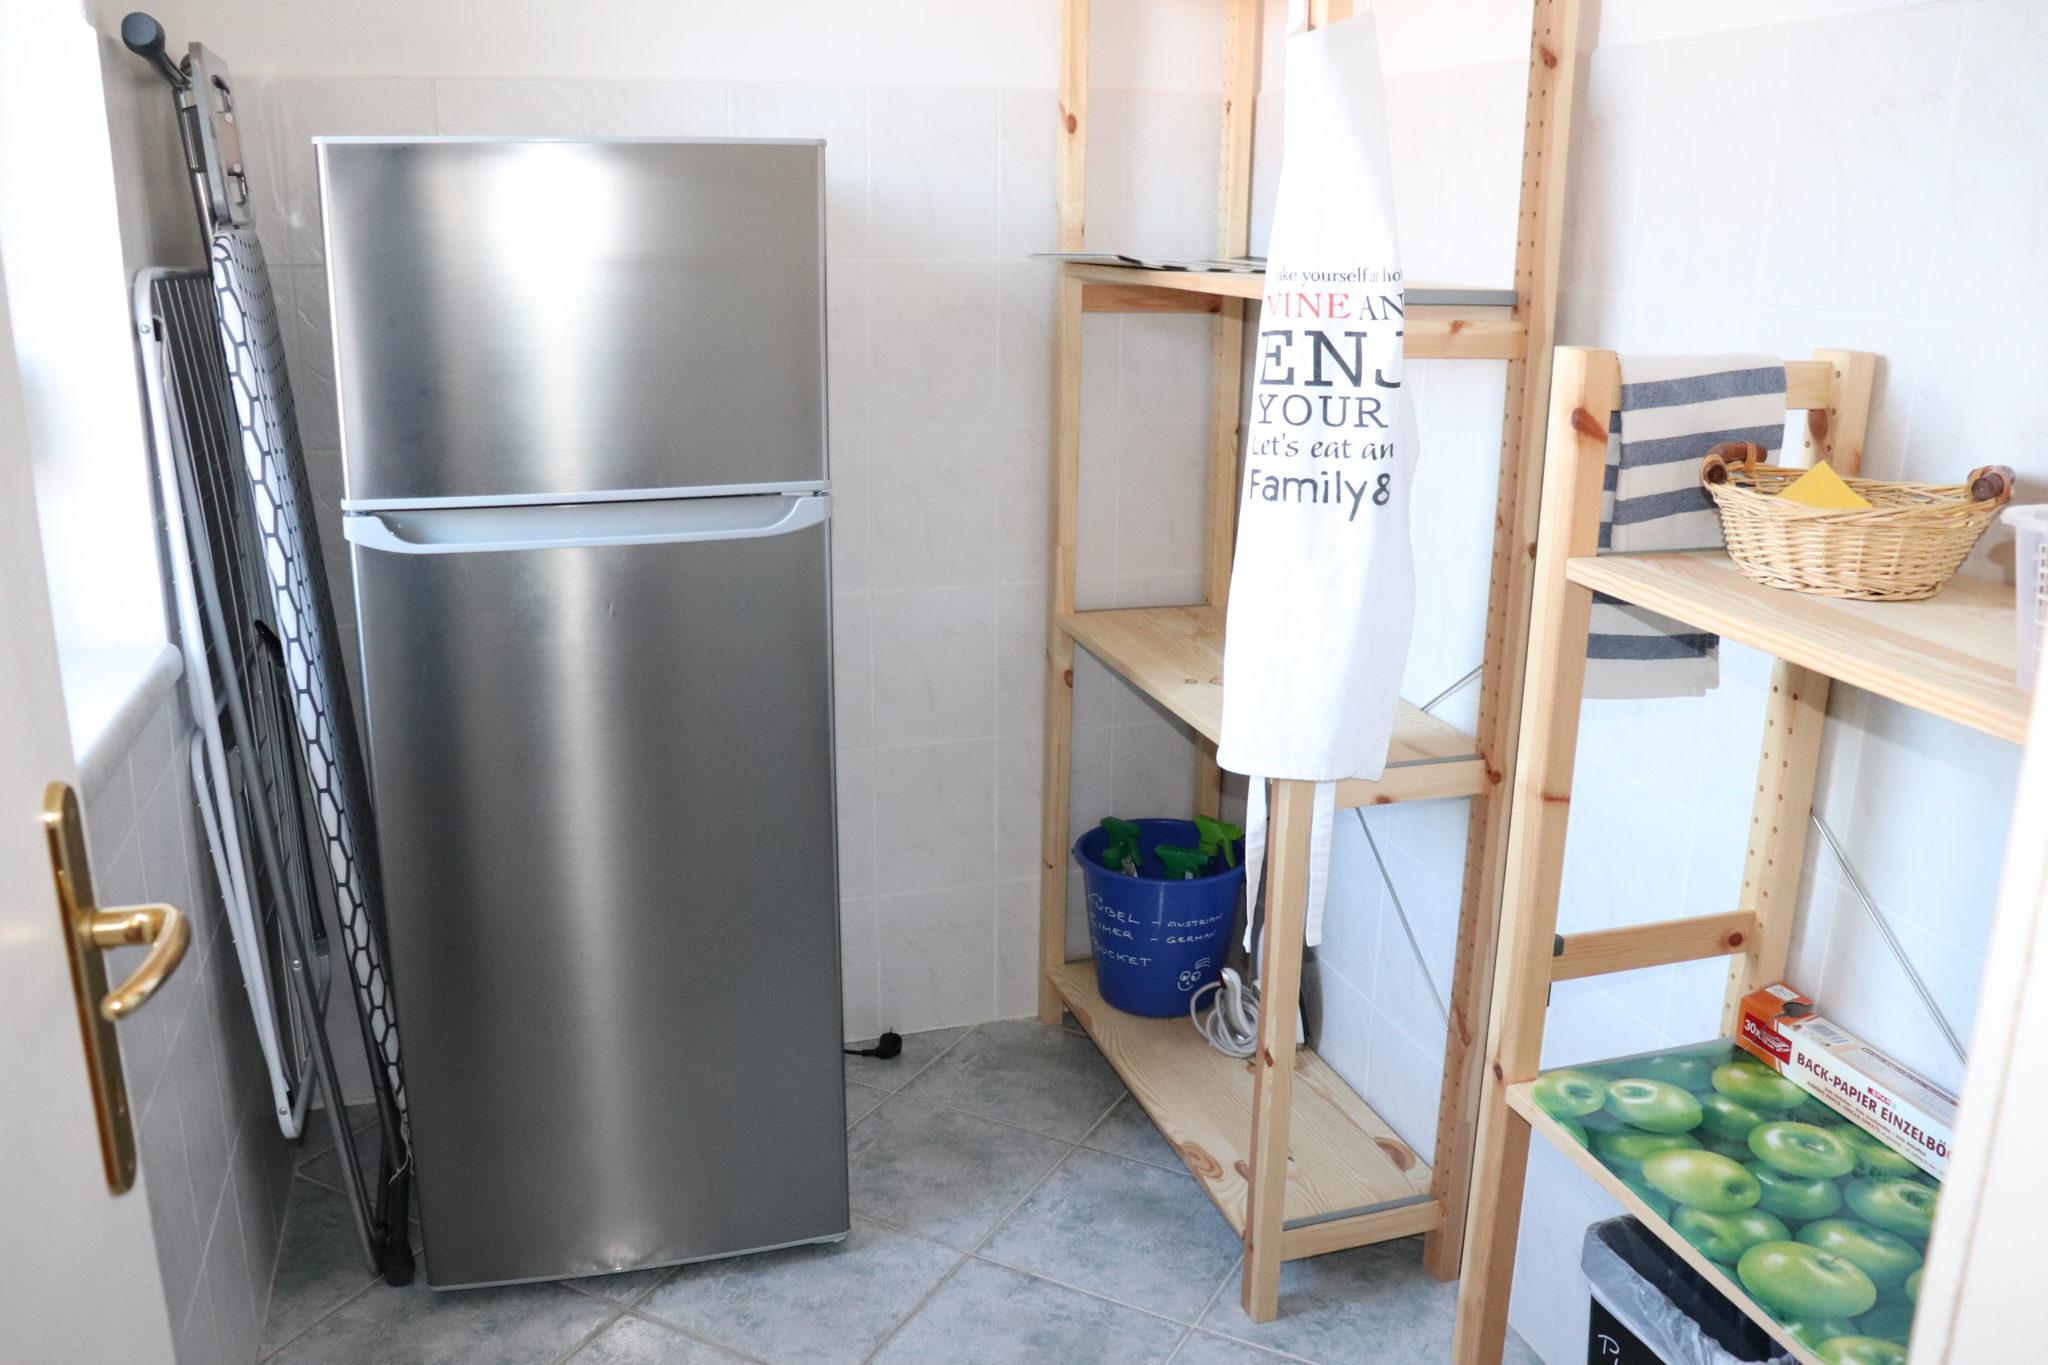 Speisekammer mit Kühlgefrierschrank